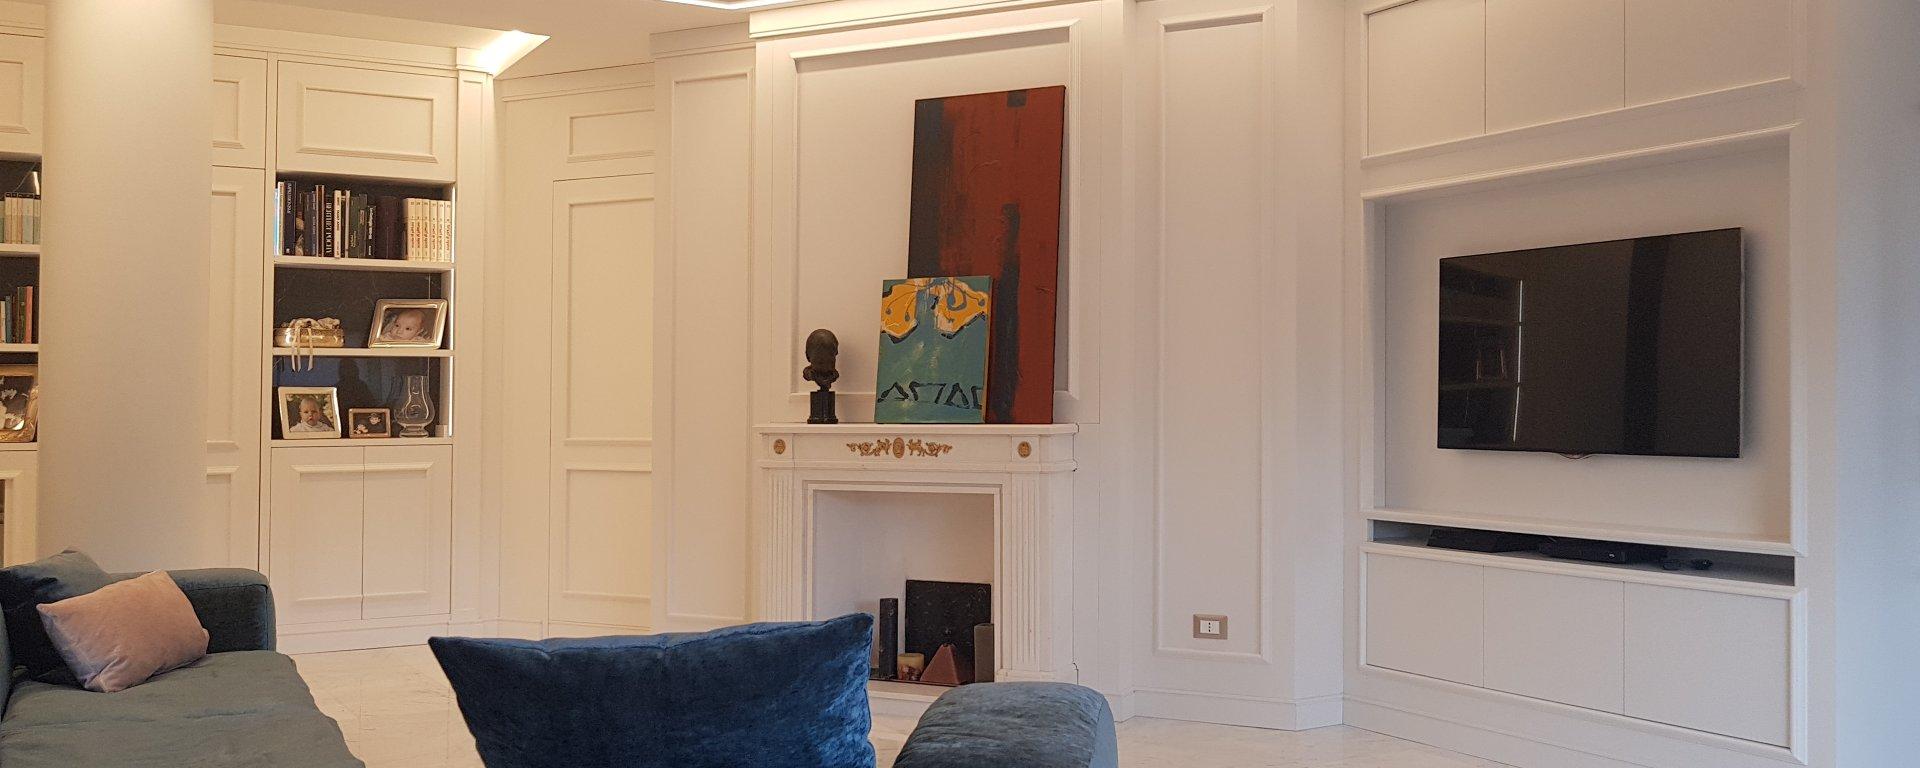 appartamento completo arredato nello stile Timeless